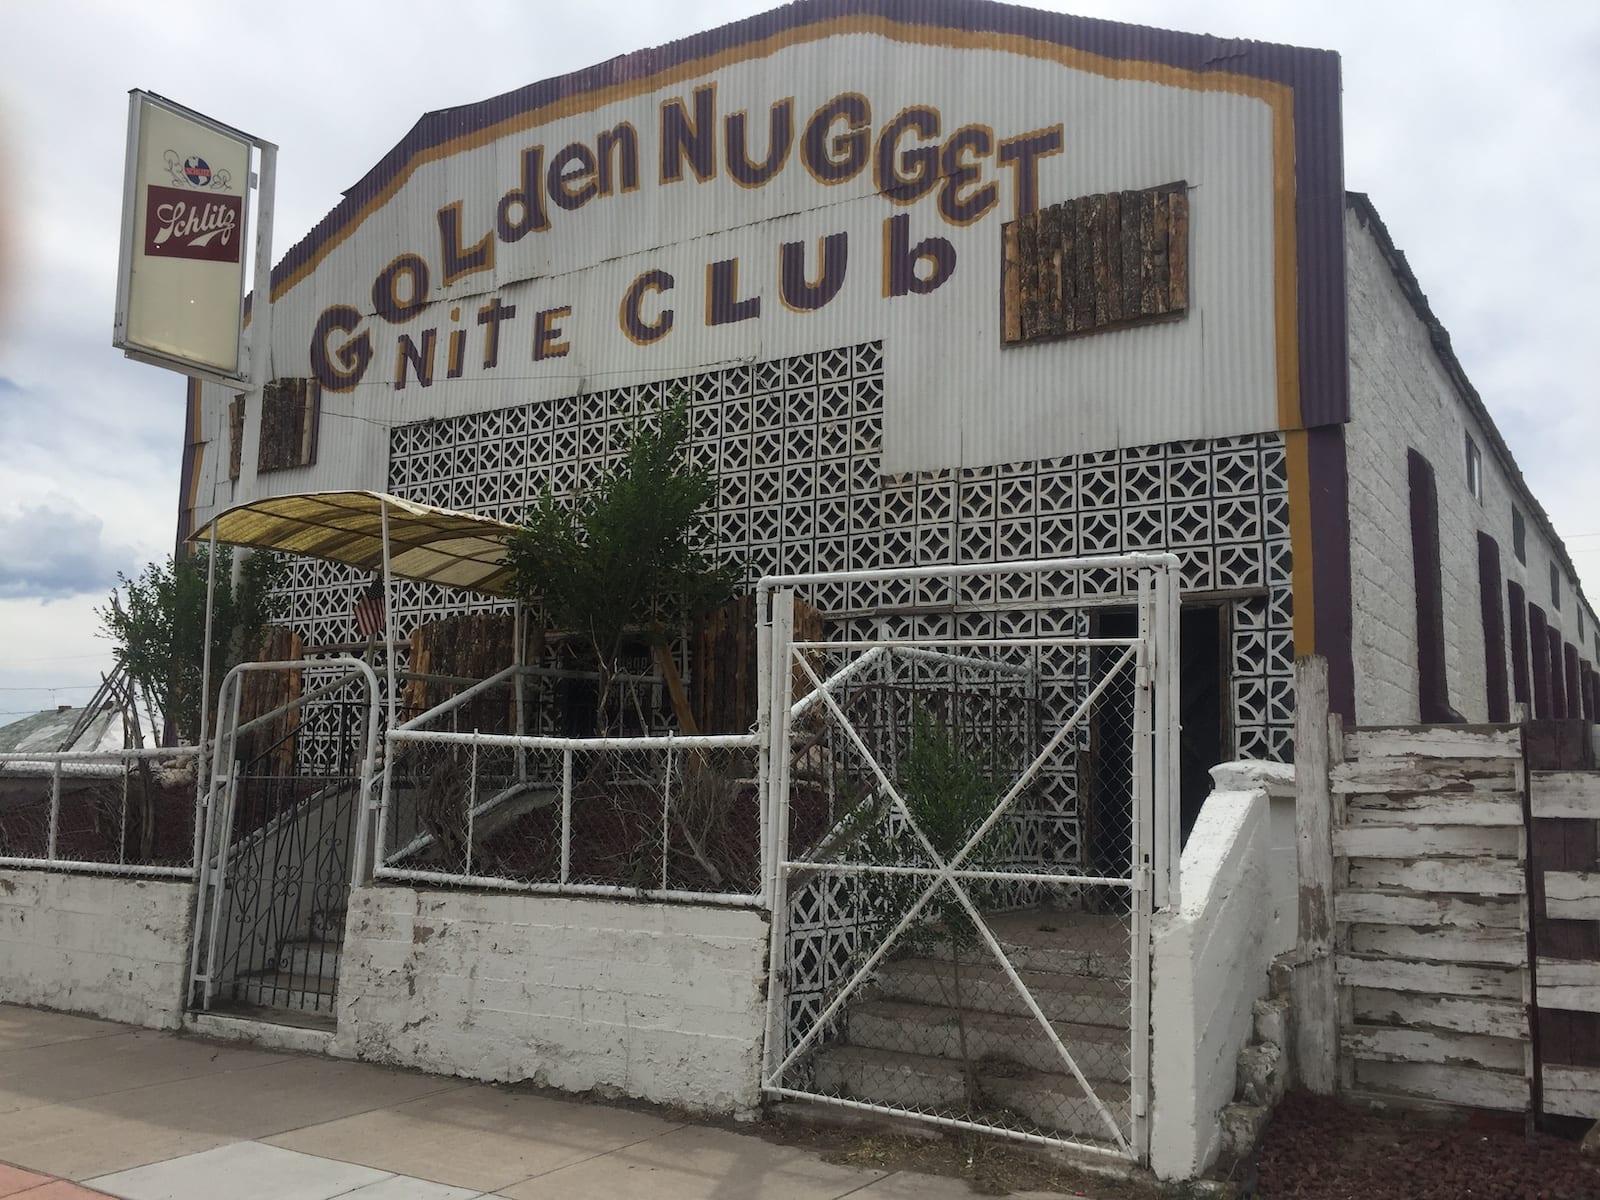 Antonito Colorado Golden Nugget Nite Club